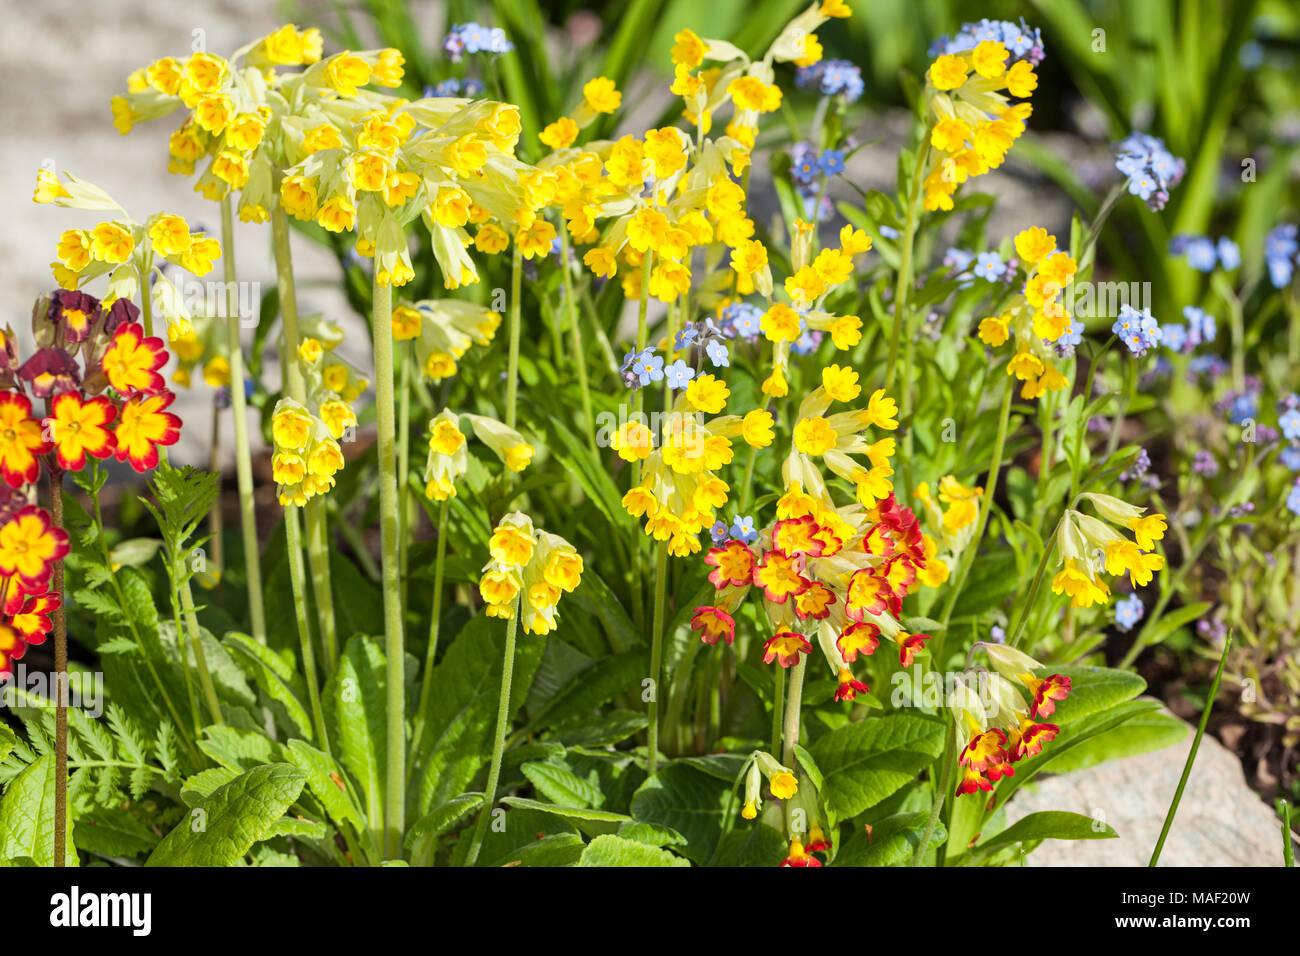 Common Cowslip, Gullviva (Primula veris) Stock Photo